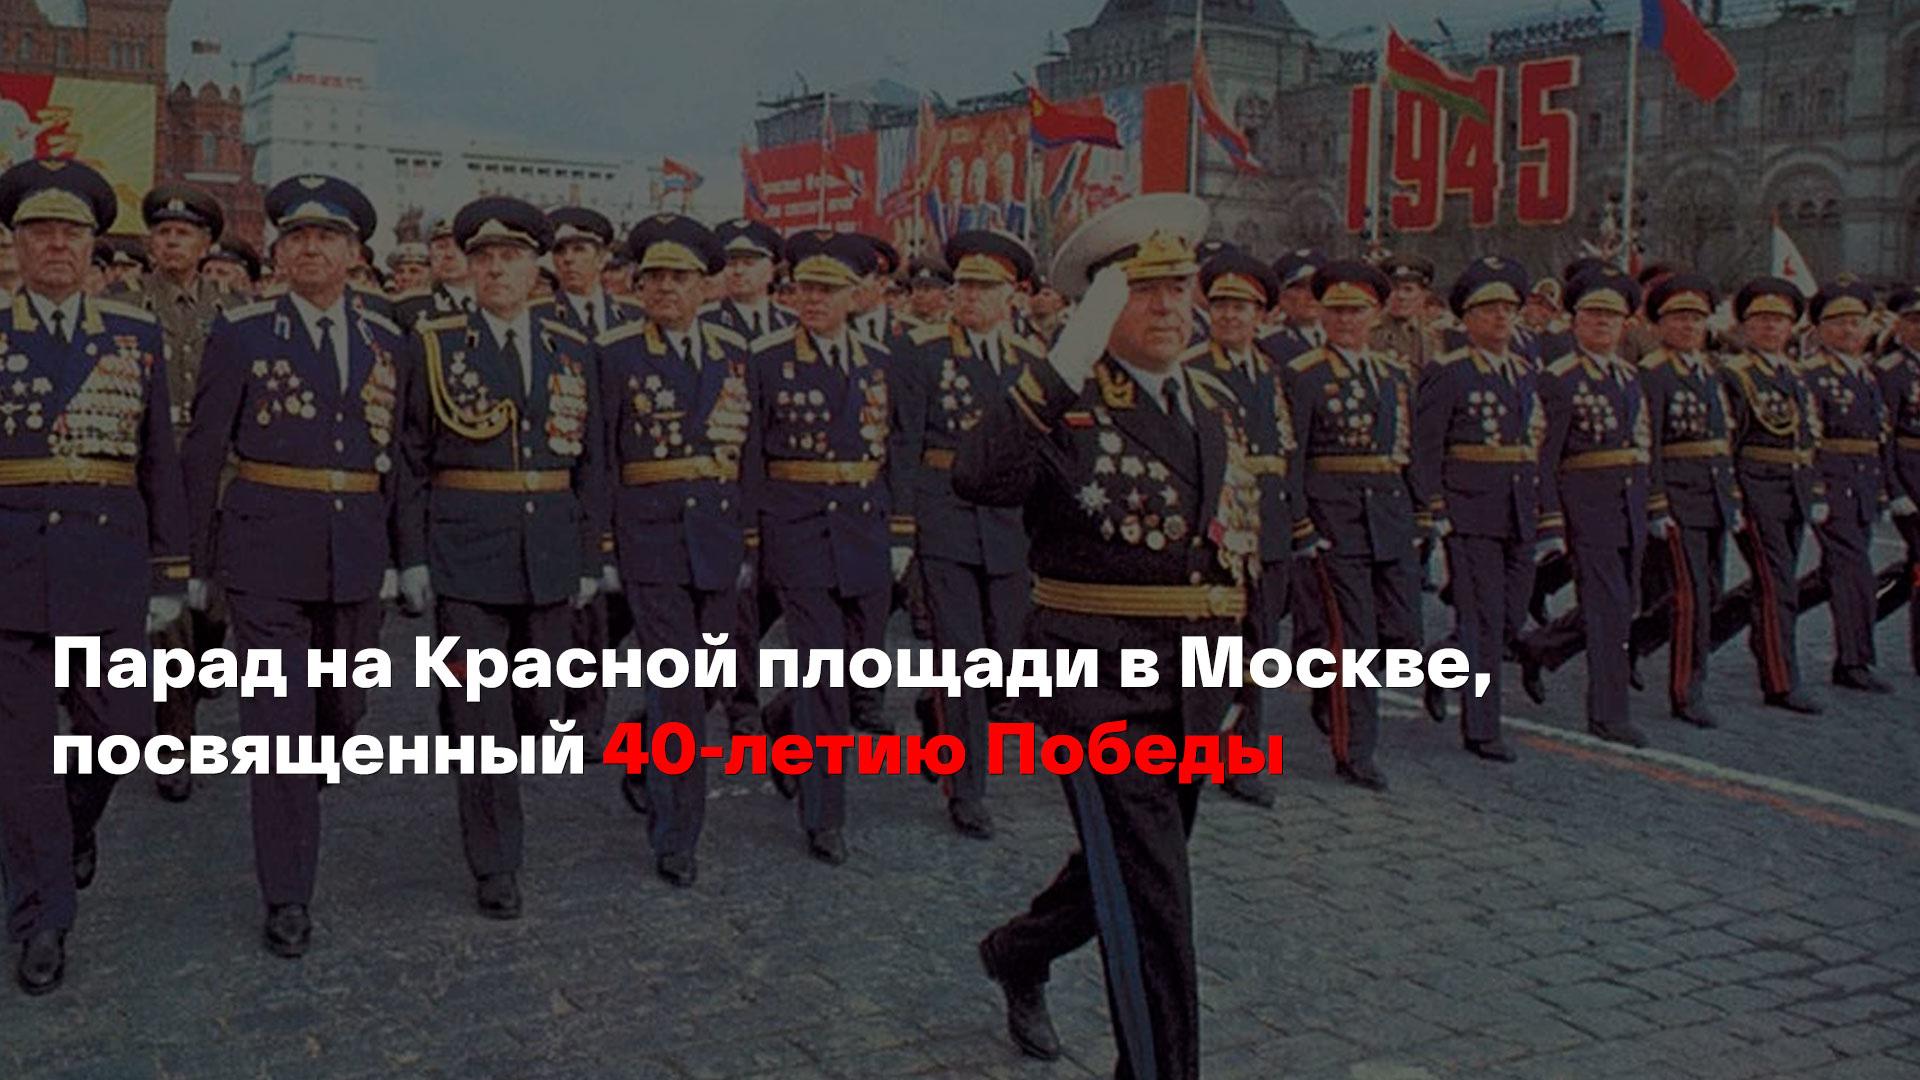 Парад на Красной площади в Москве, посвященный 40-летию Победы